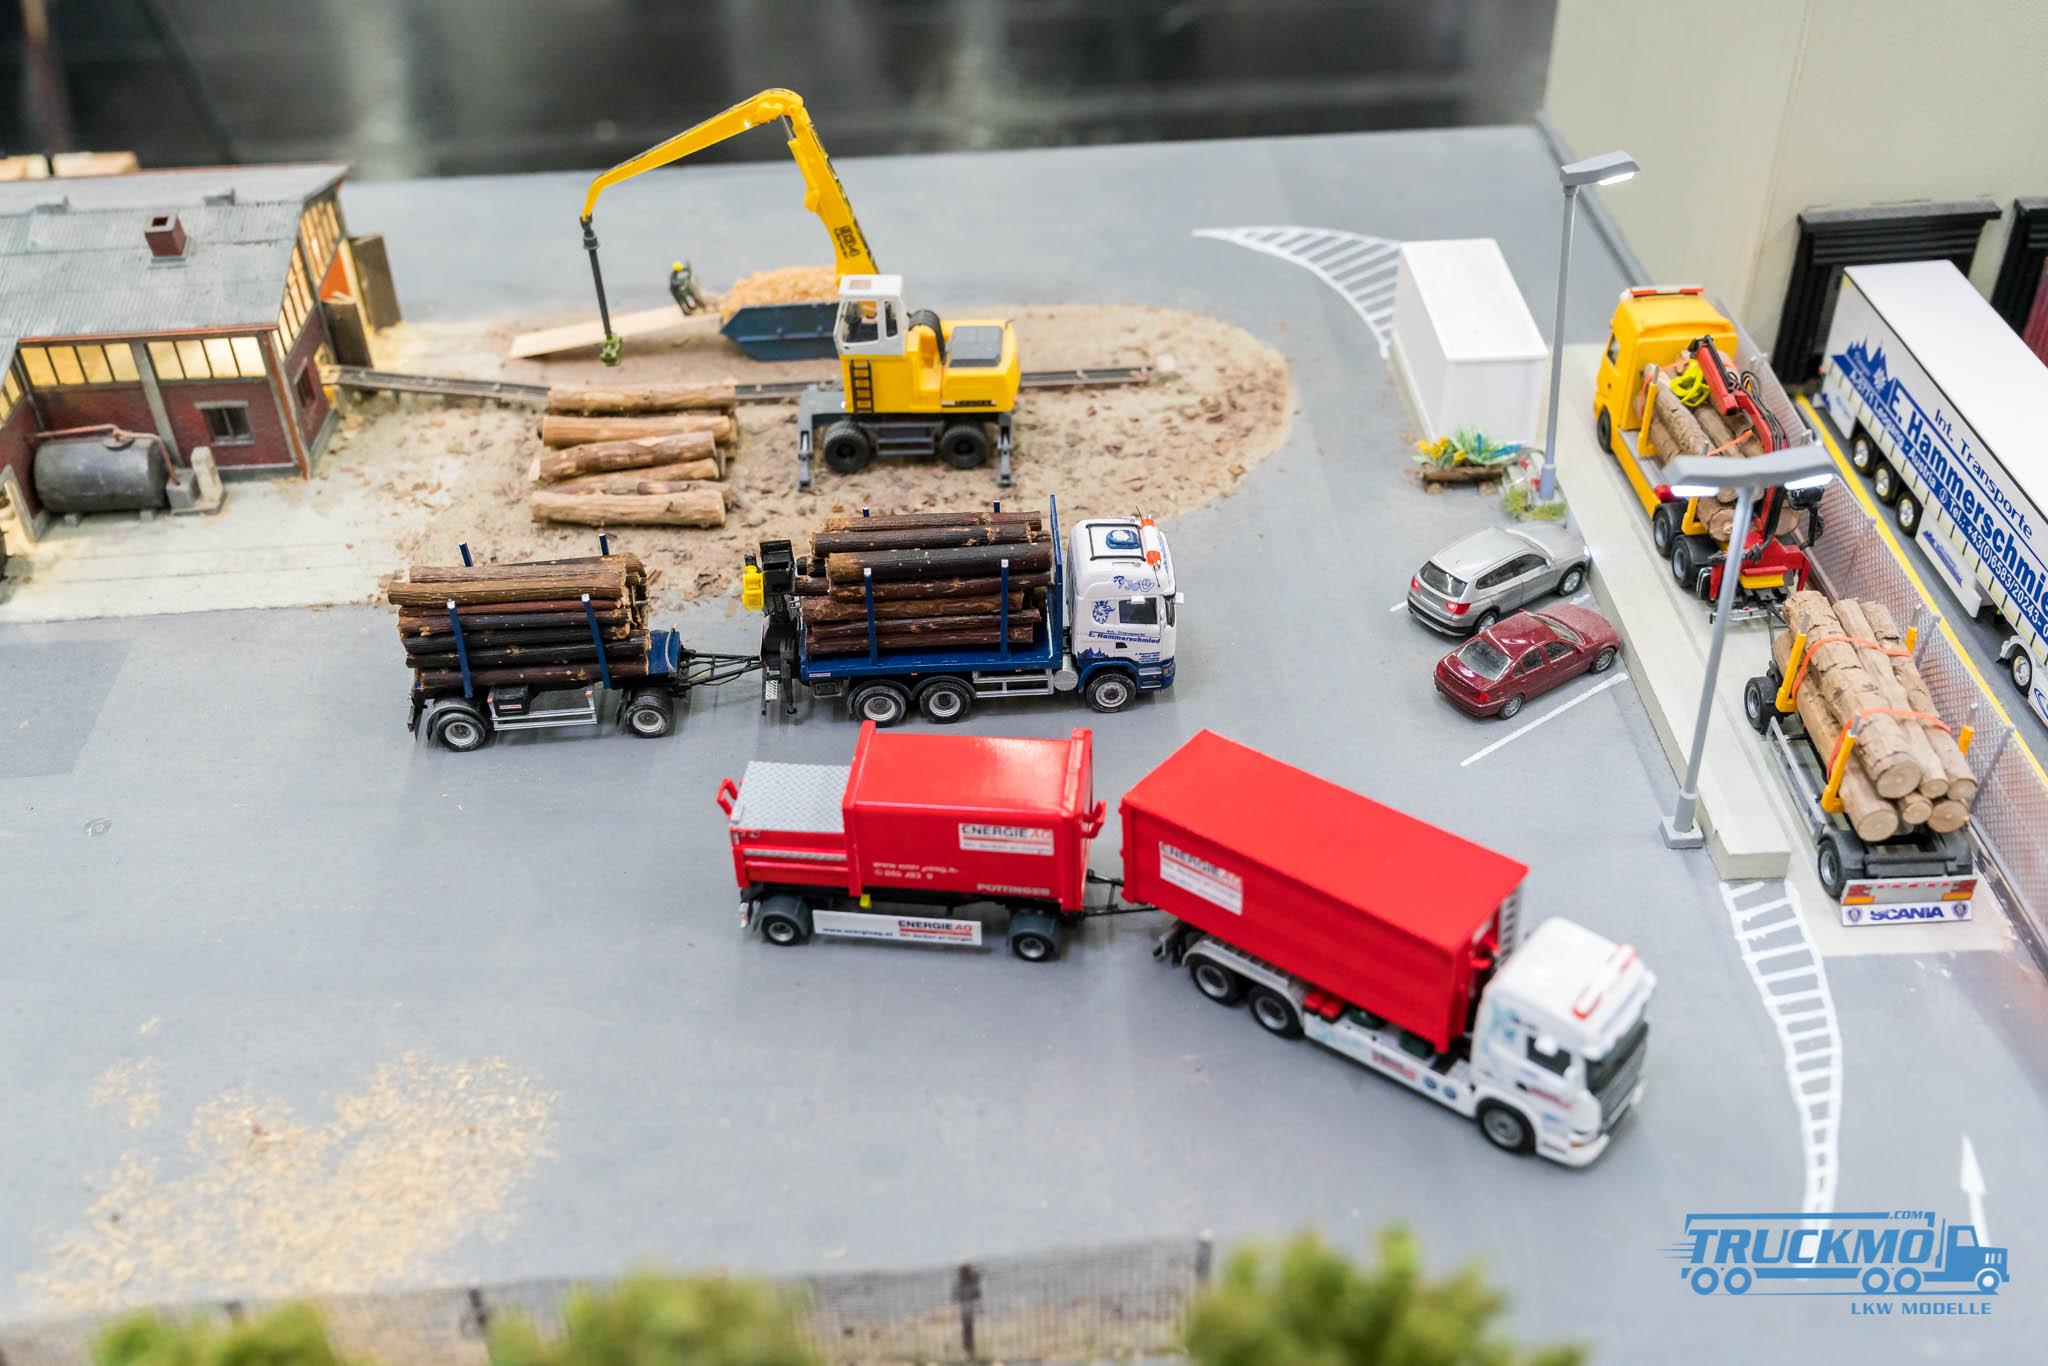 Truckmo_Modellbau_Ried_2017_Herpa_Messe_Modellbauausstellung (193 von 1177)